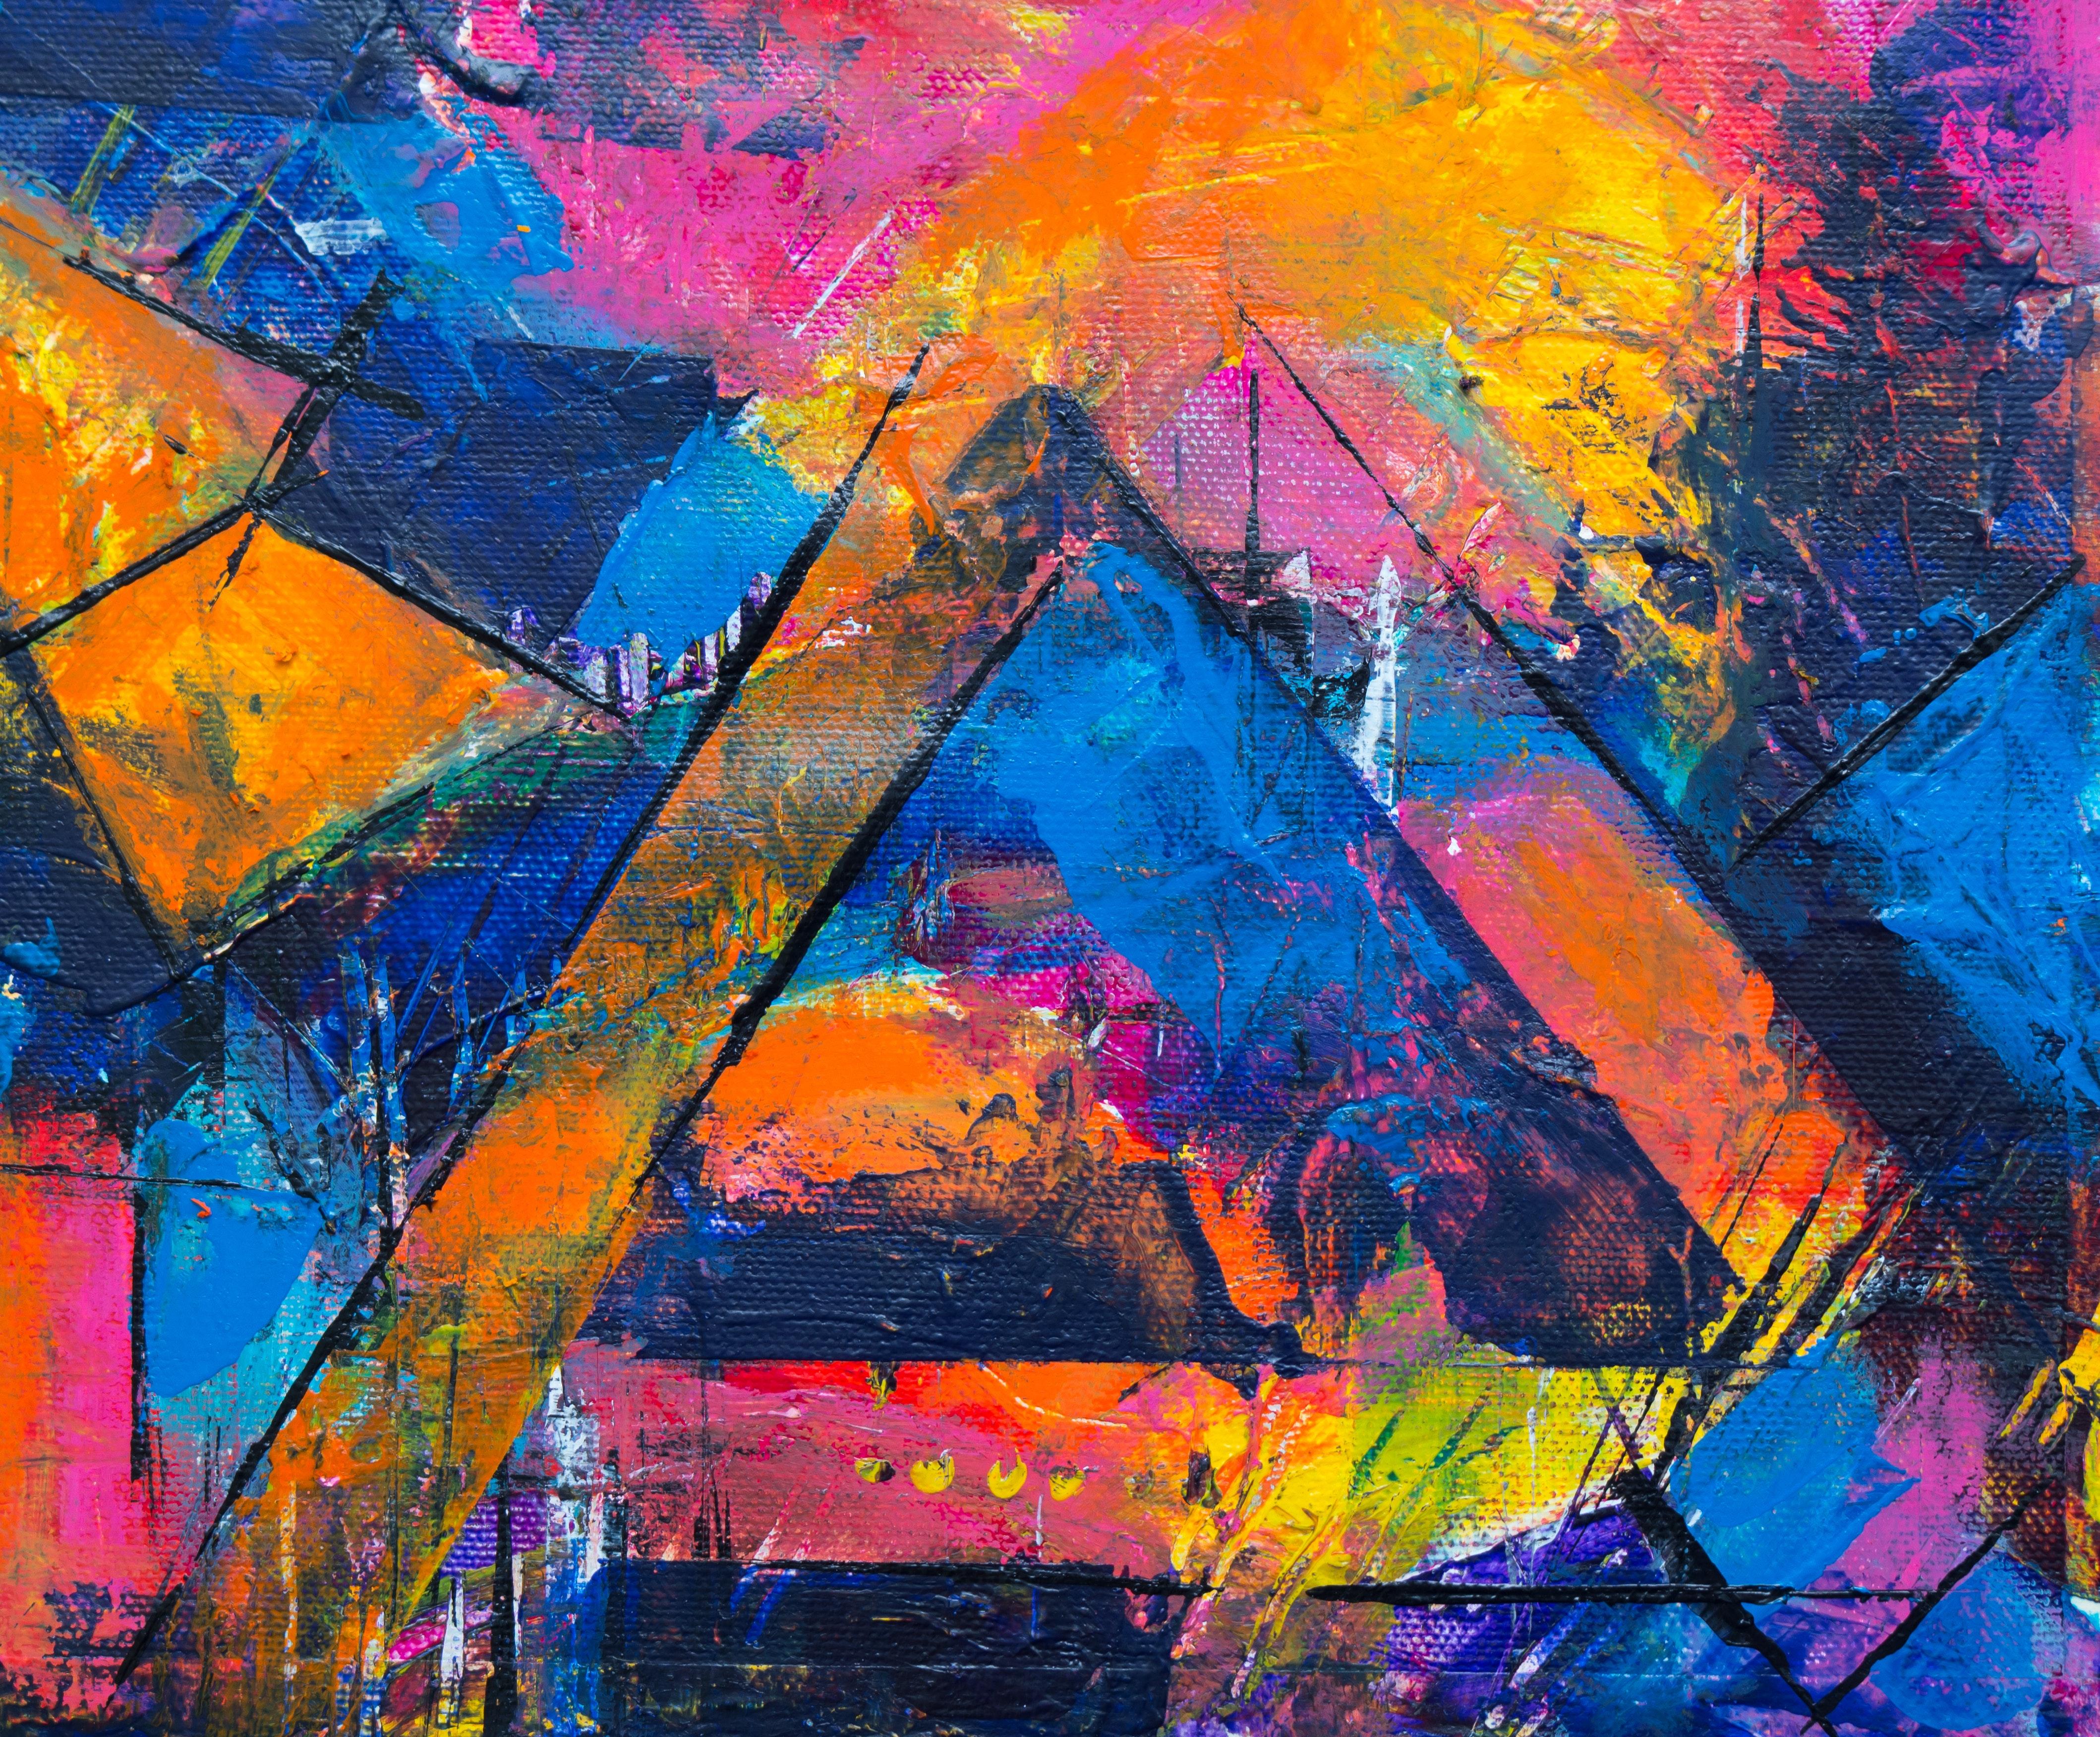 Super Gratis Afbeeldingen : schilderij, moderne kunst, acrylverf, hemel IM-99